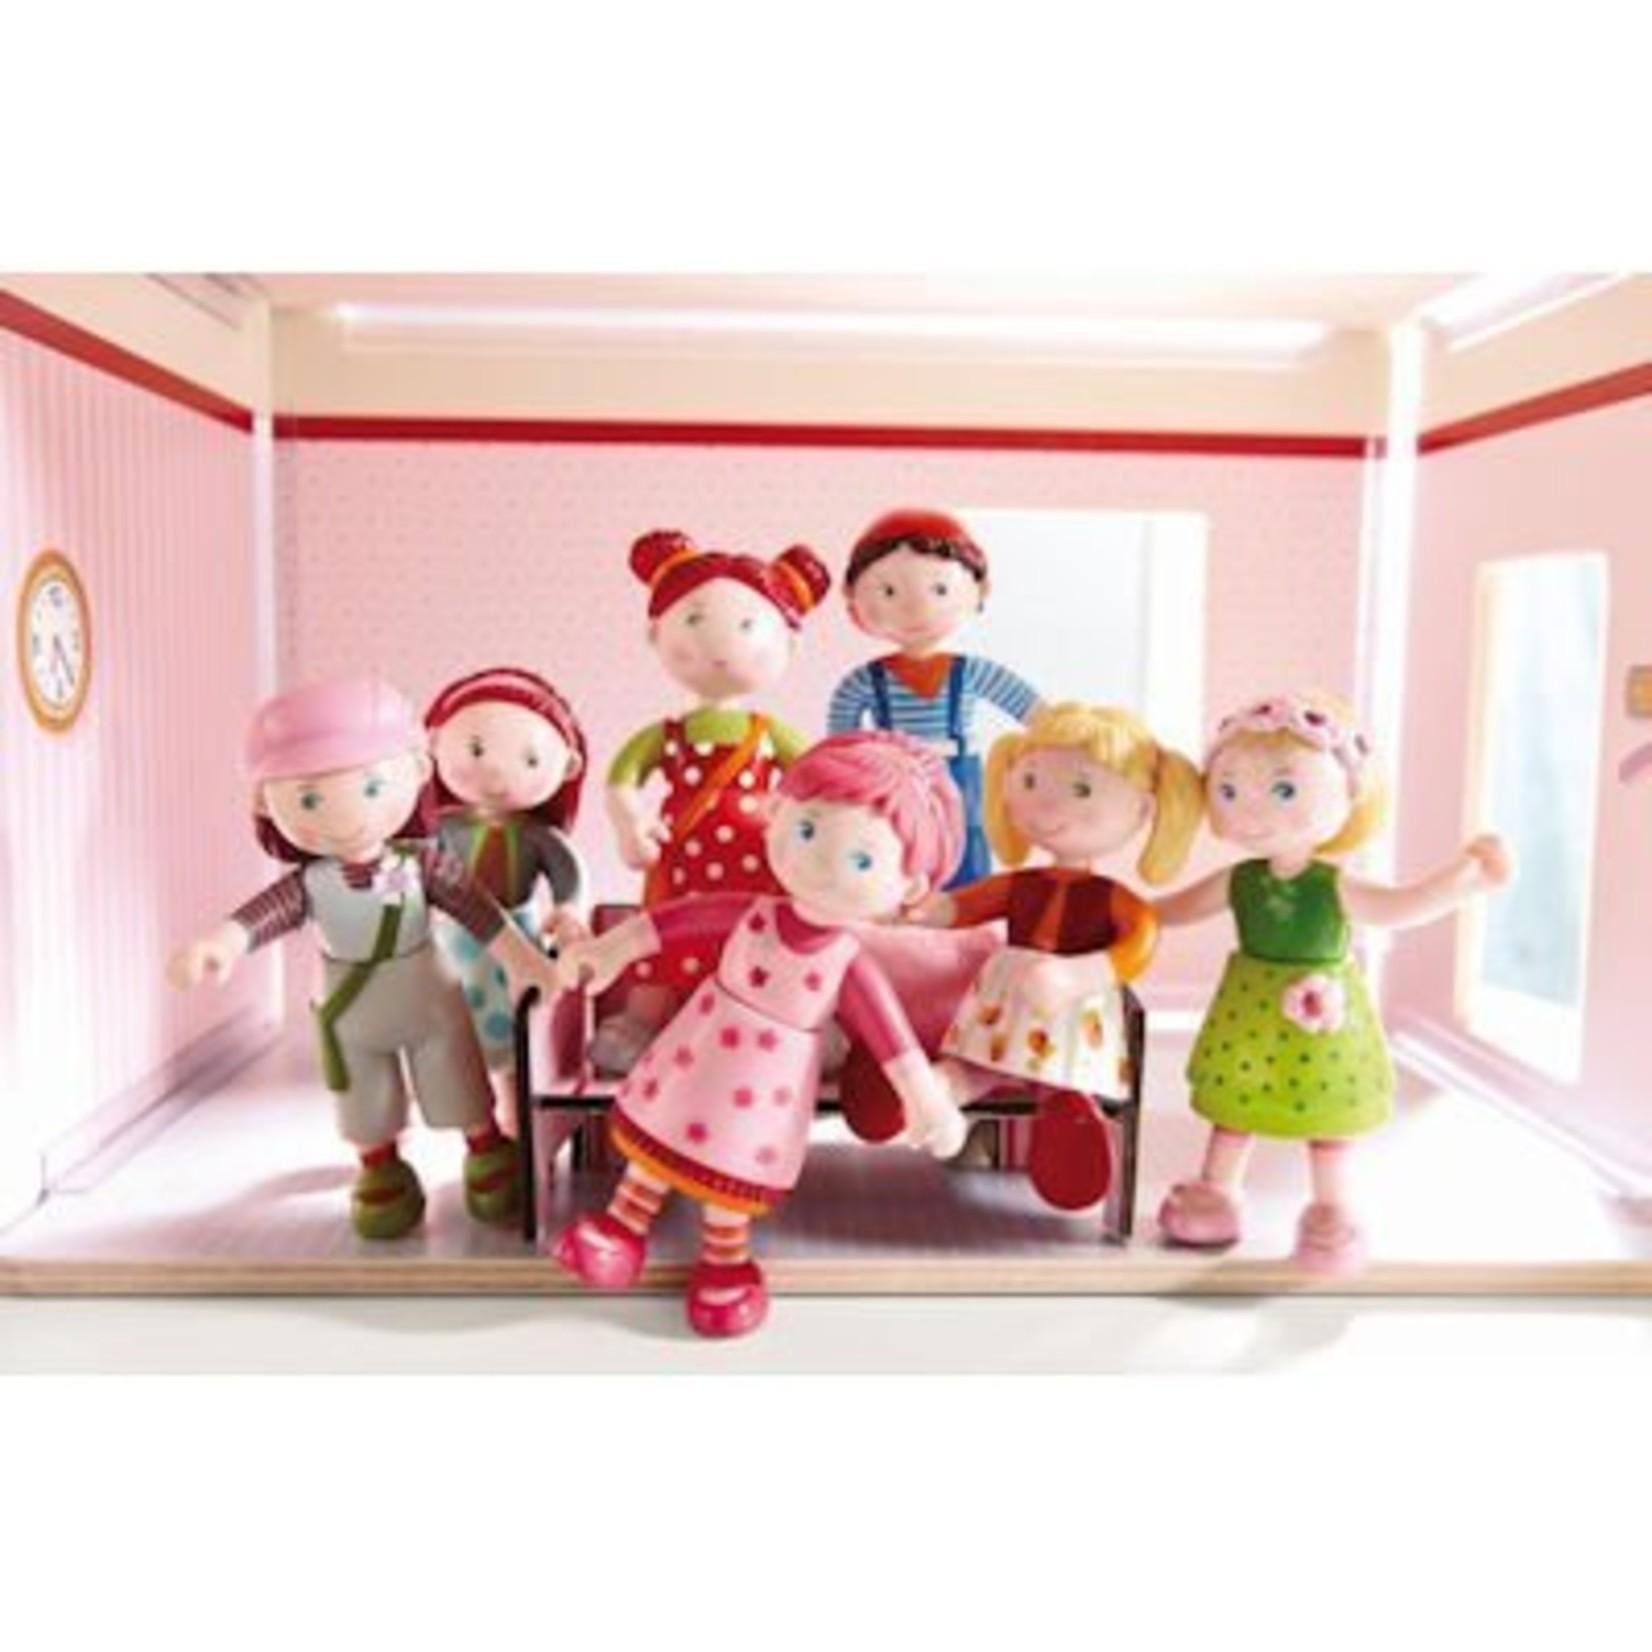 Haba Little Friends buigbaar poppenhuispopje Boer Frans